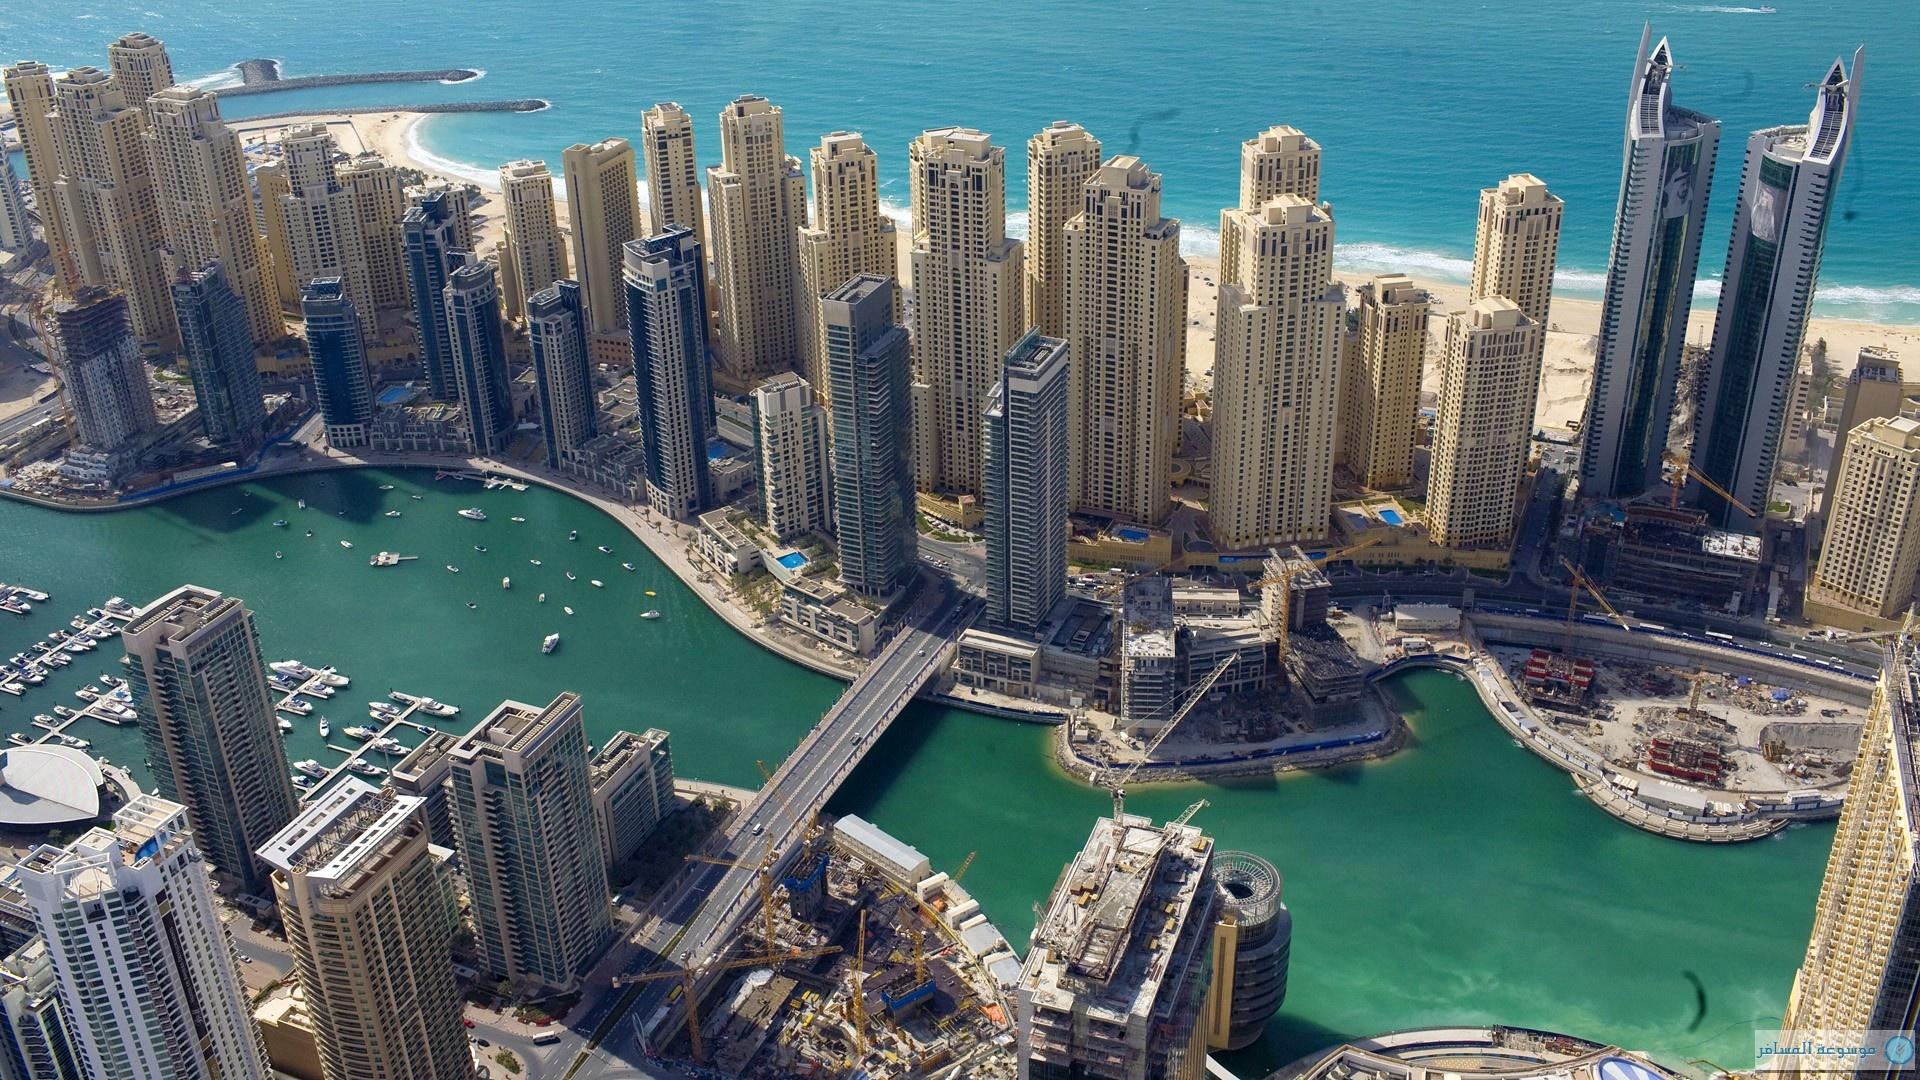 دبي أفضل مدينة للمهرجانات والفعاليات العالميّة